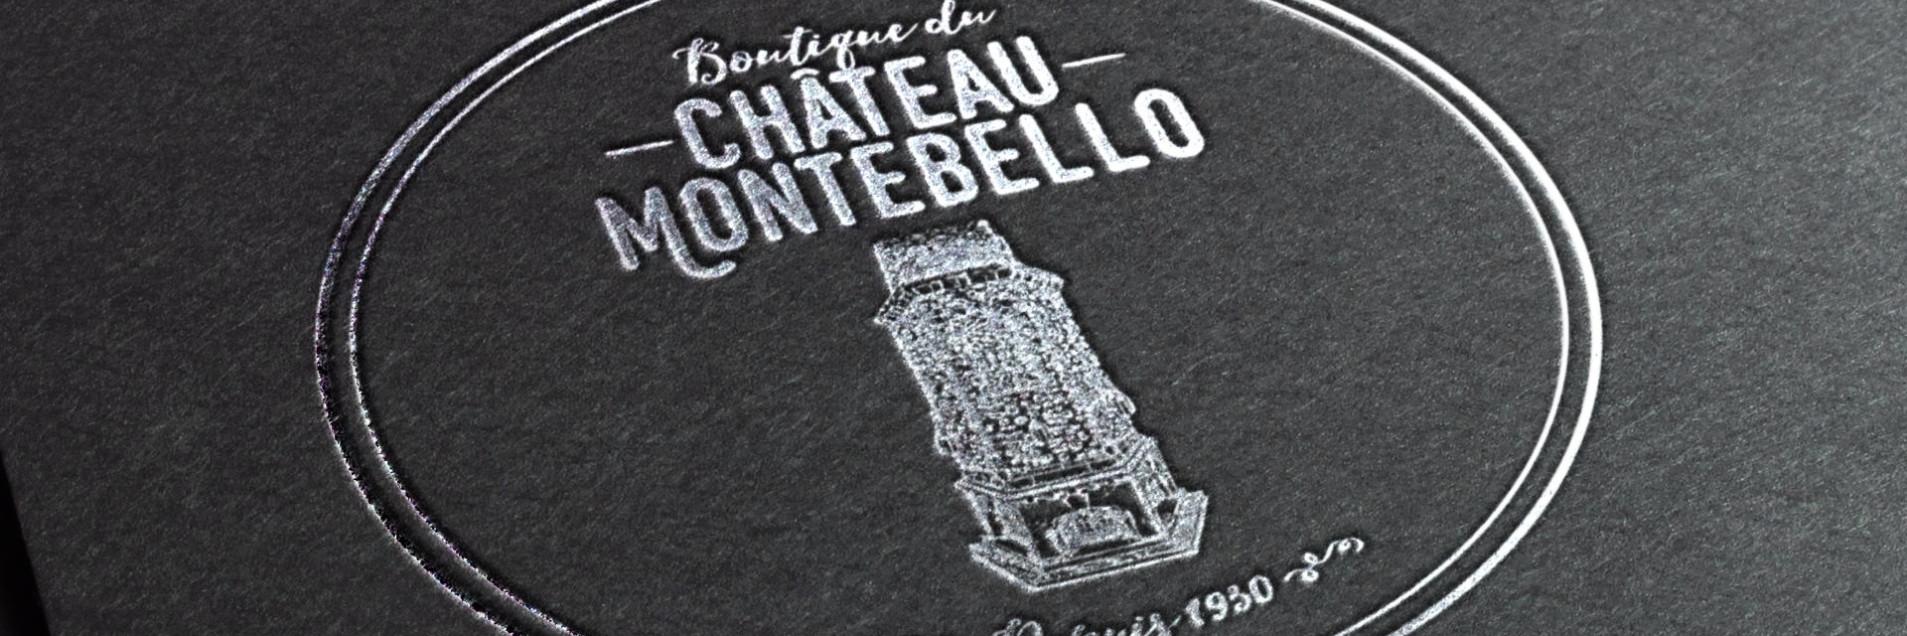 fairmont-boutique-chateau-montebello-top